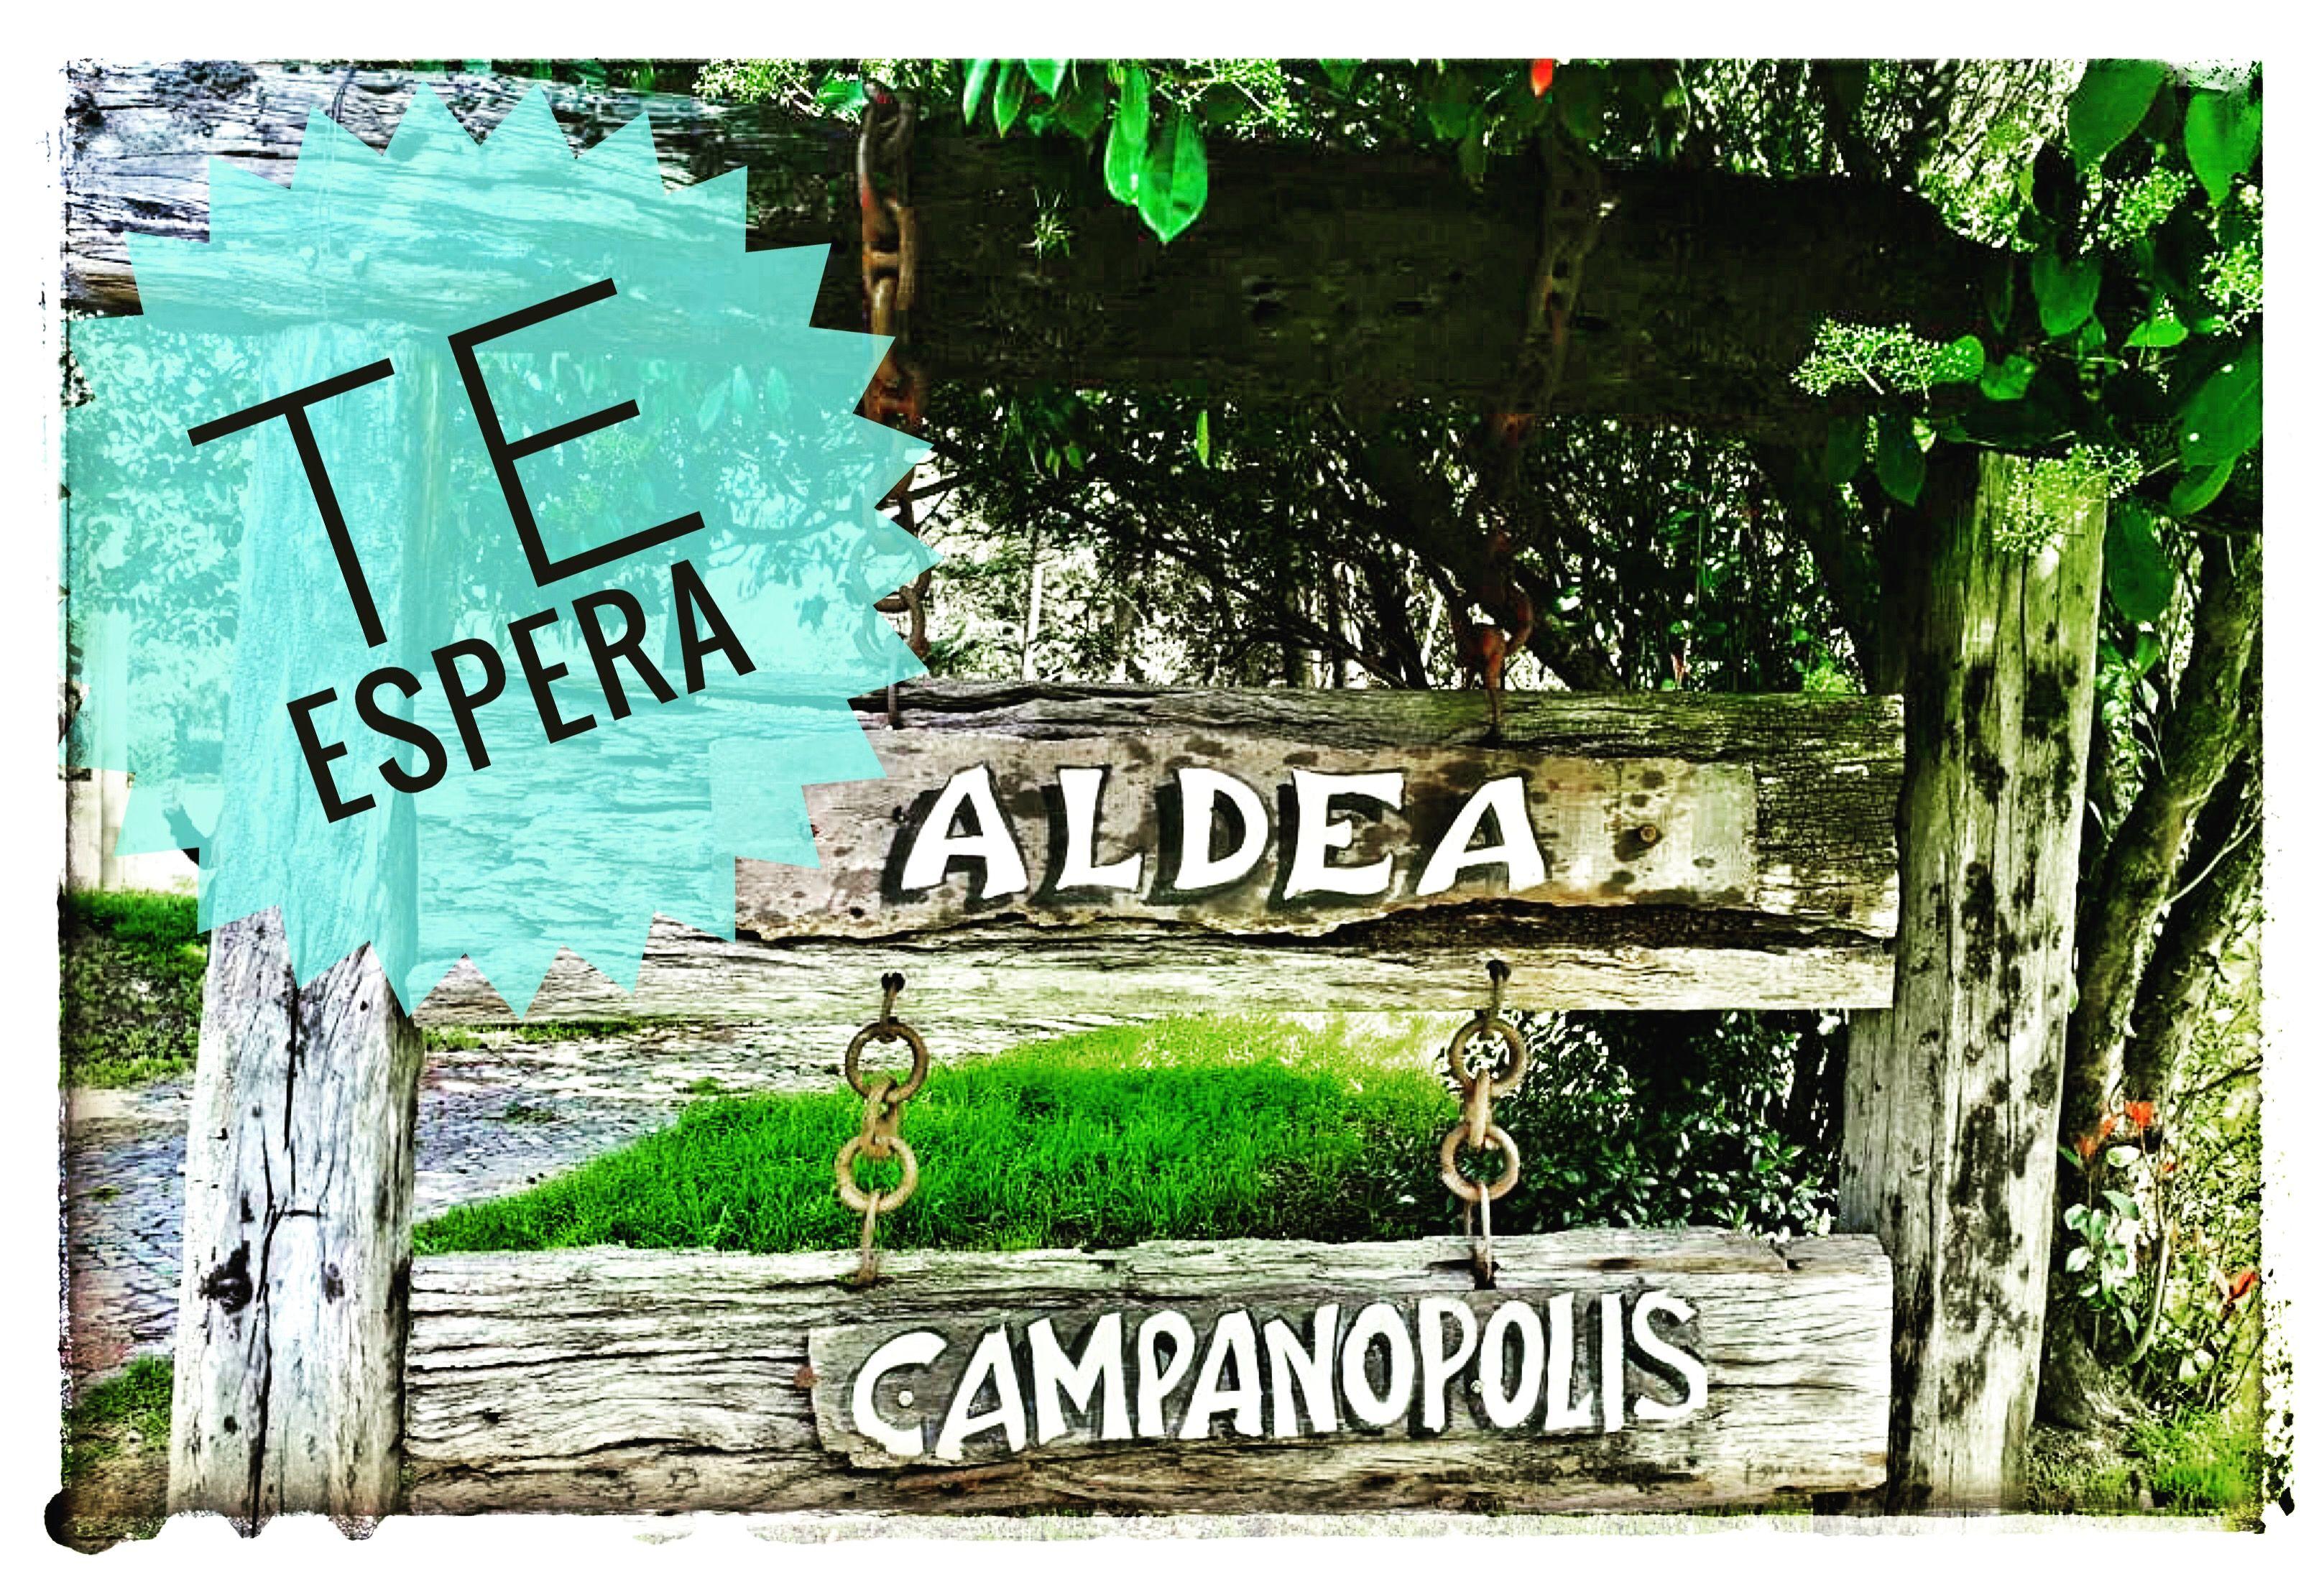 Visita nuestra Aldea www.campanopolis.com.ar